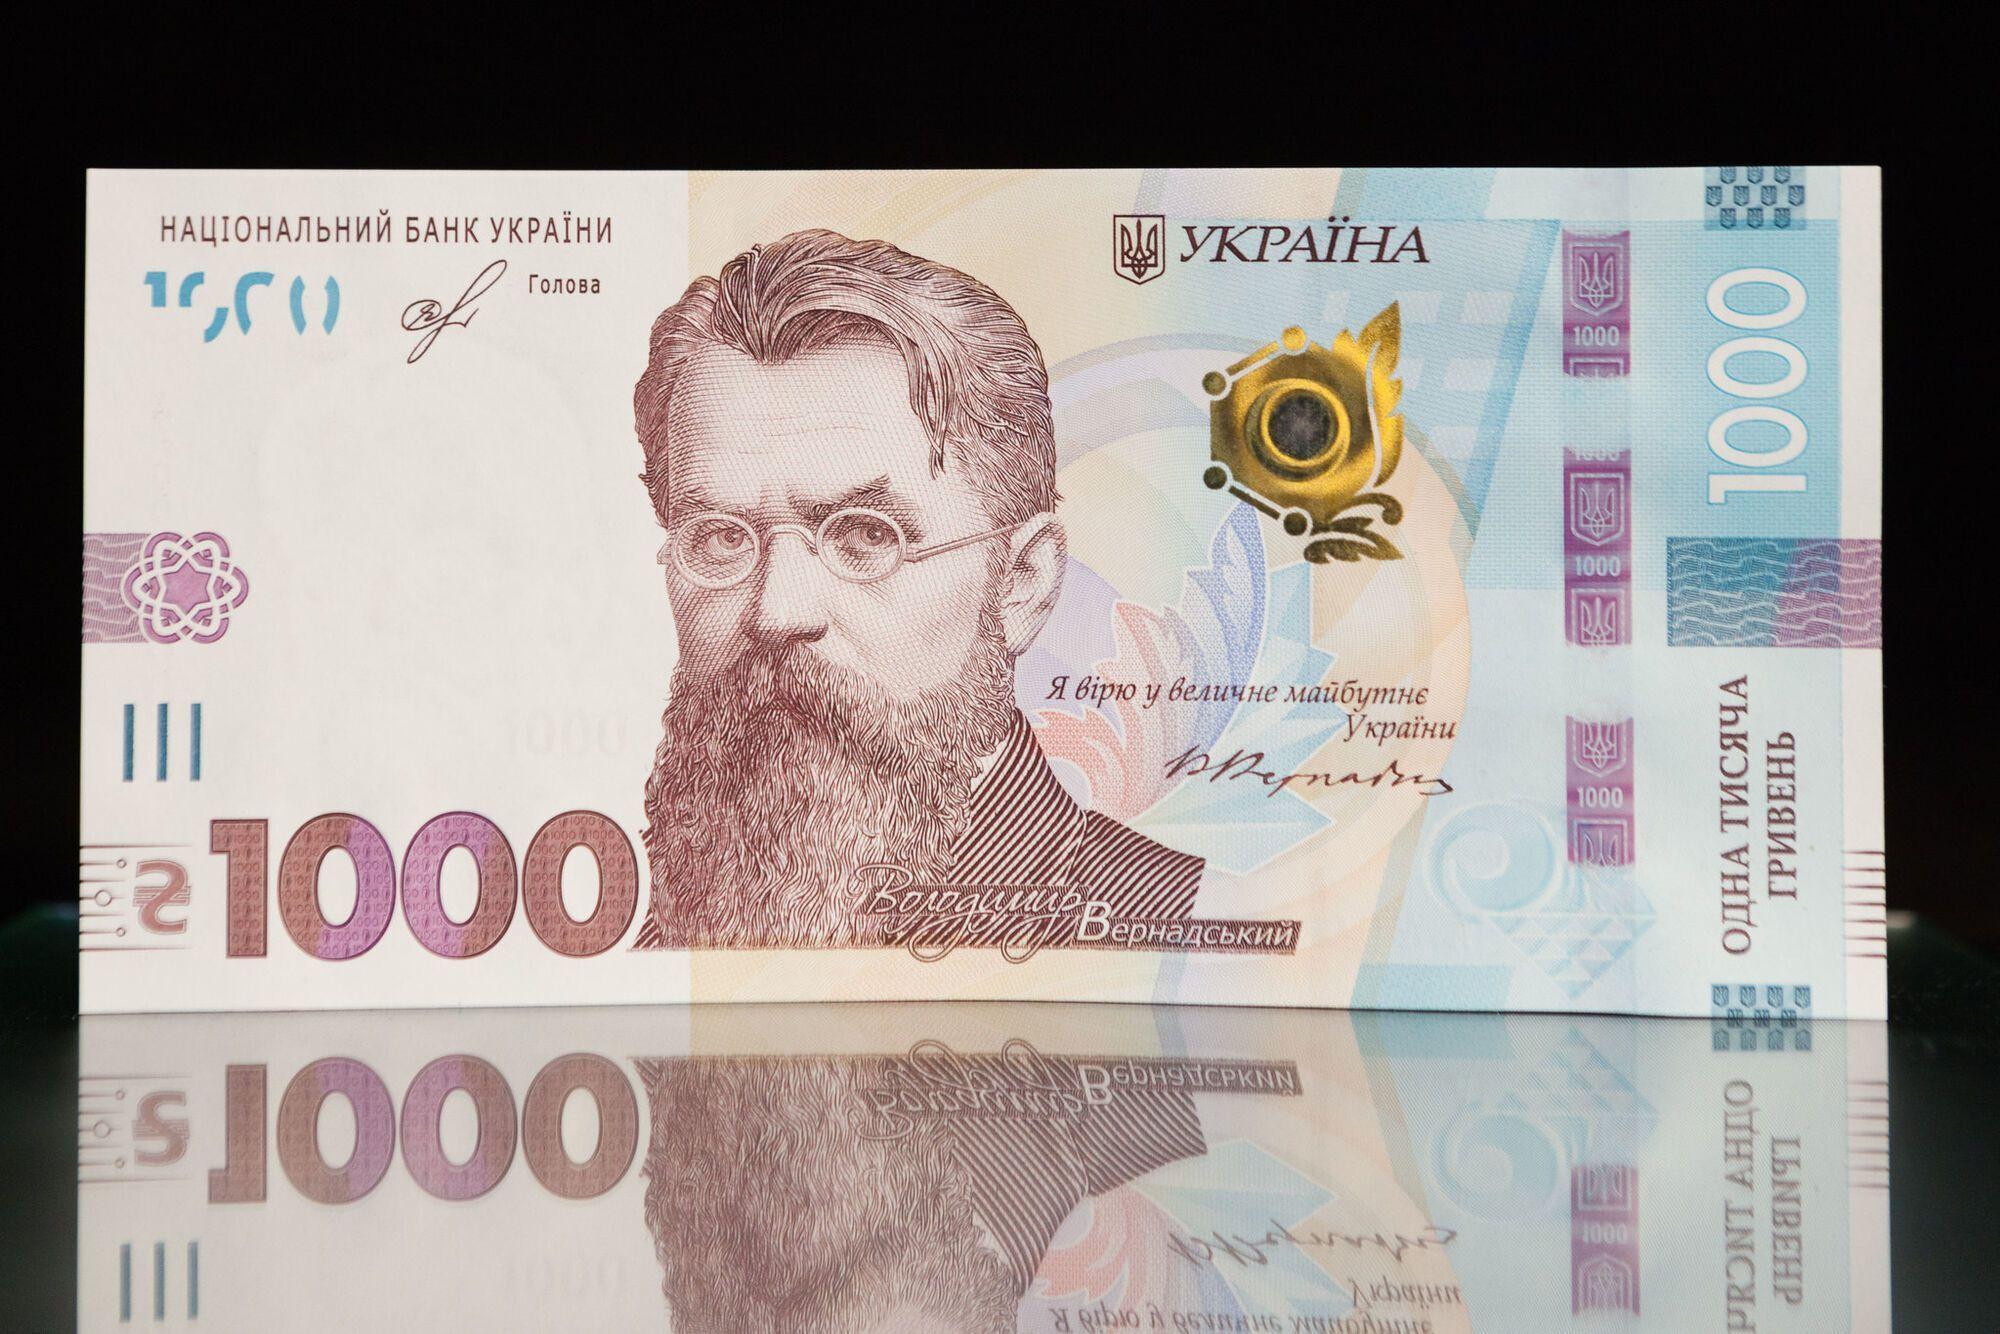 Банкнота номіналом в 1000 грн